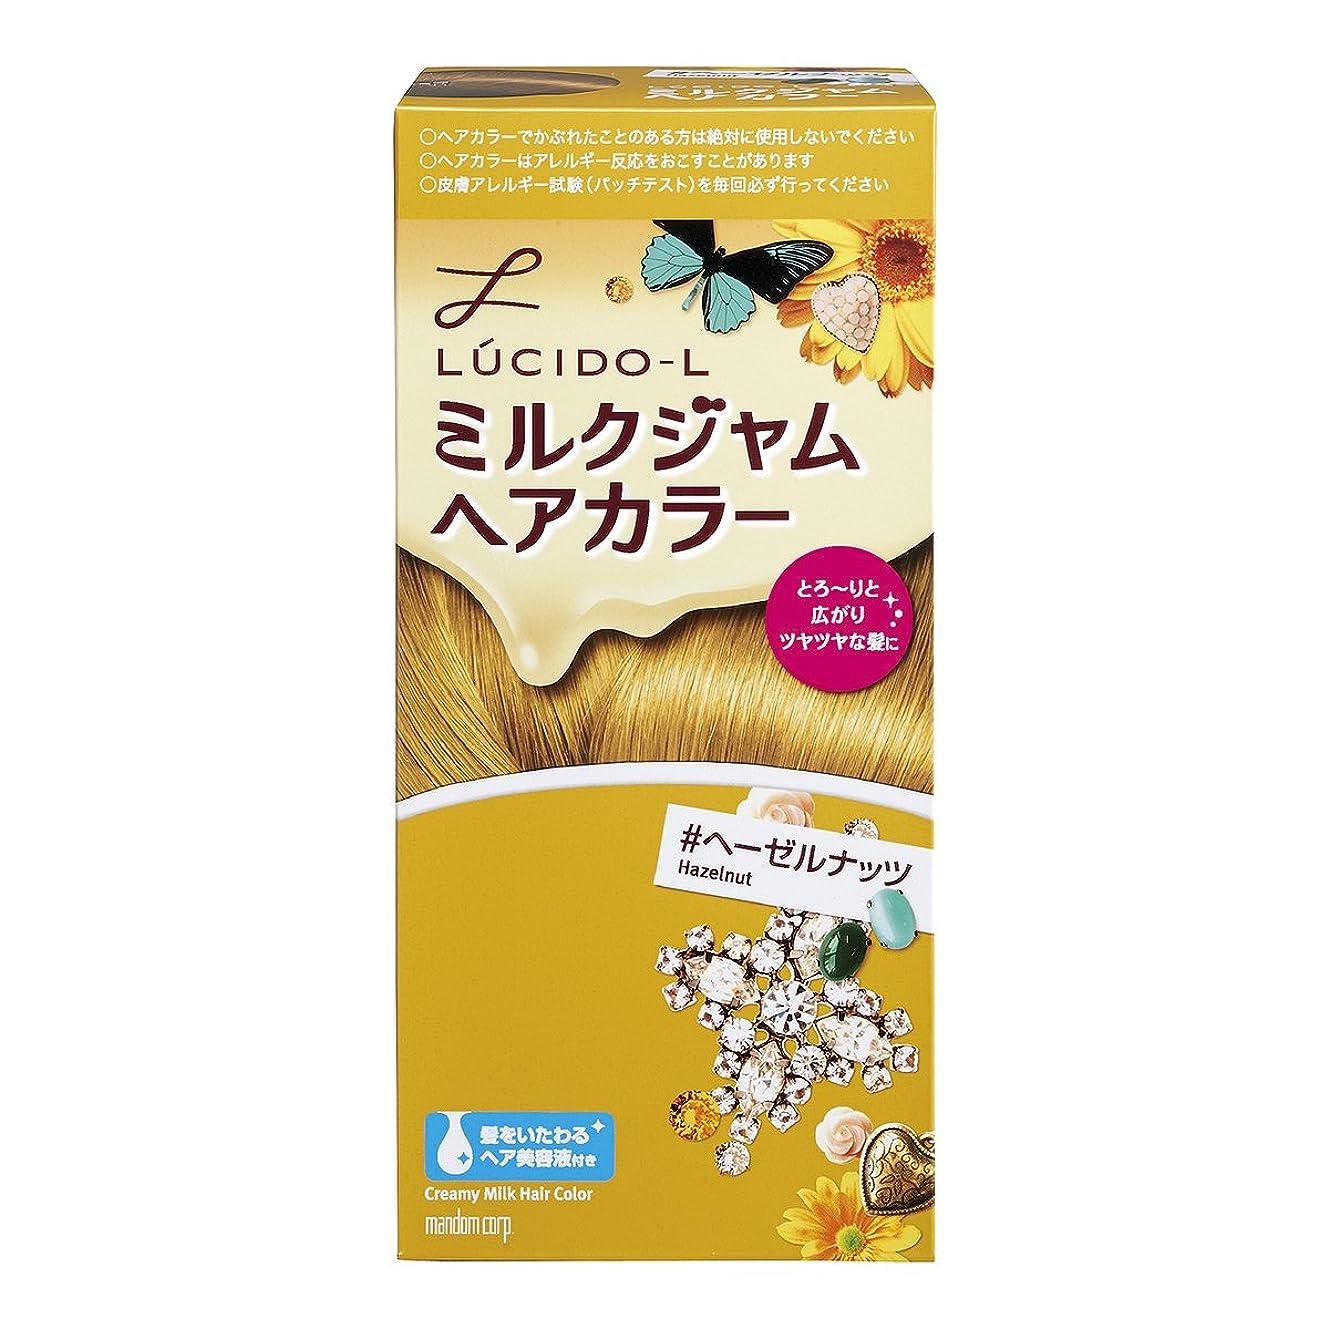 立方体ガロン爆弾LUCIDO-L (ルシードエル) ミルクジャムヘアカラー #ヘーゼルナッツ (医薬部外品) (1剤40g 2剤80mL TR5g)